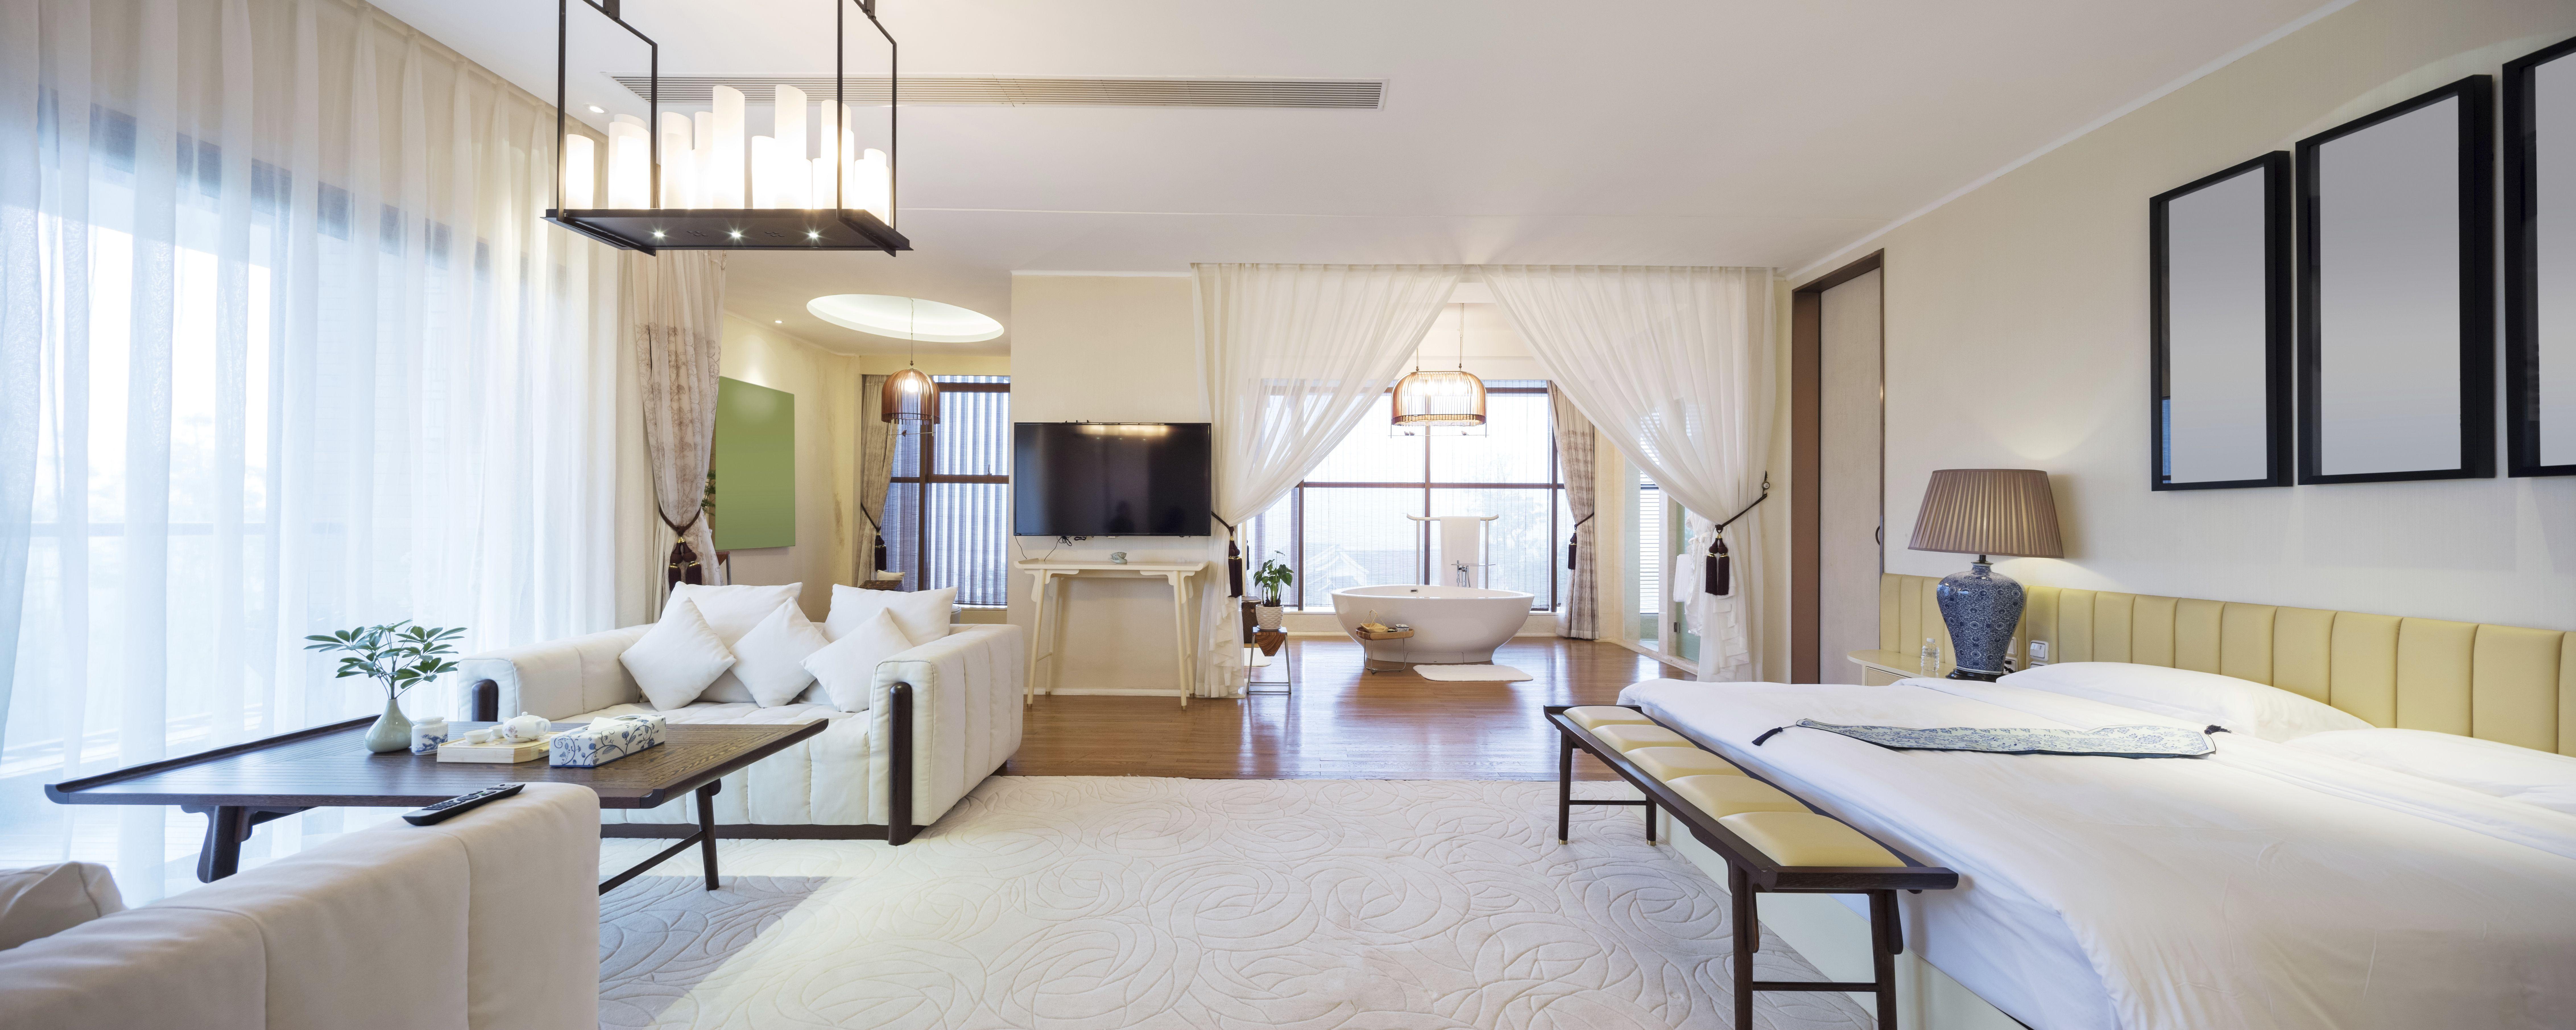 Muebles y decoración en Cáceres